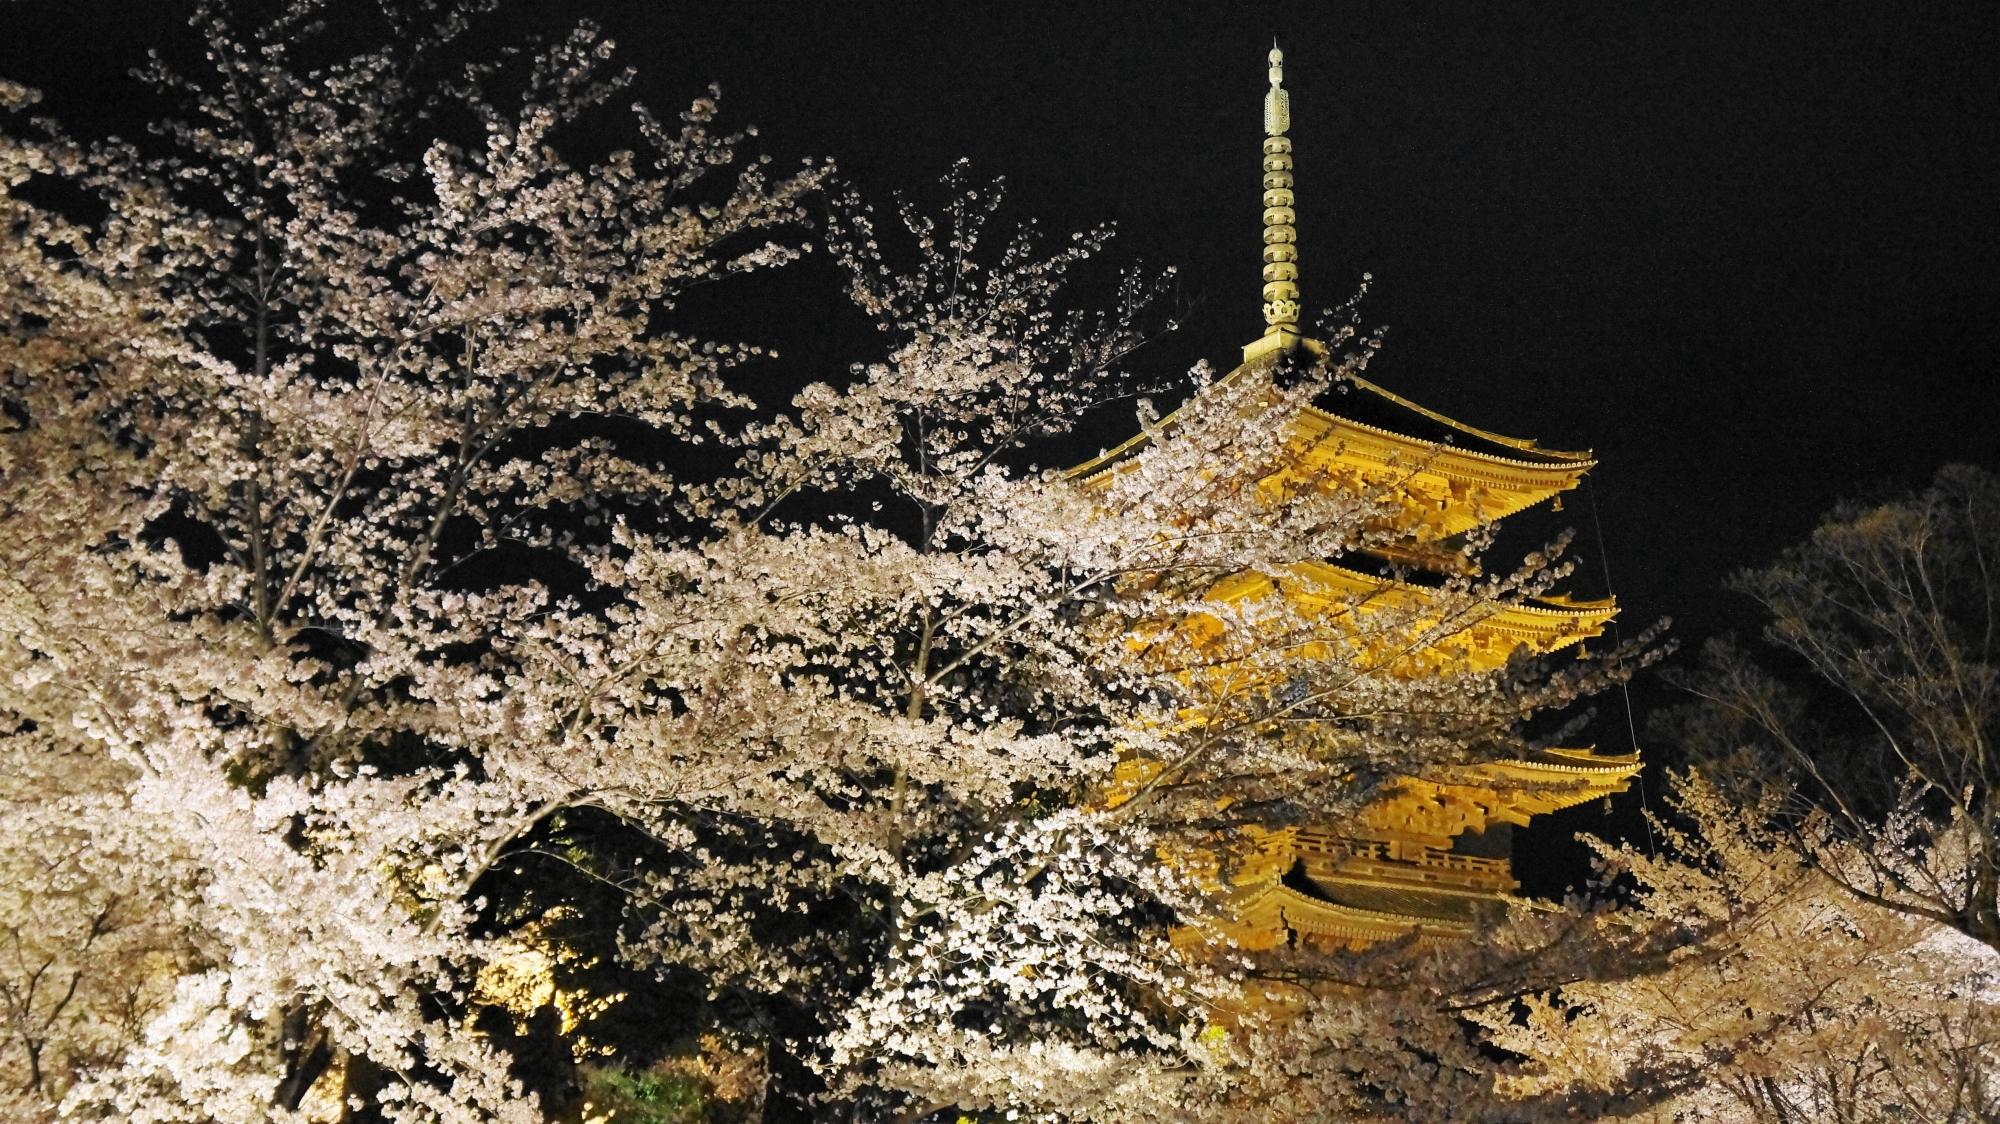 満開の桜におおわれた五重塔